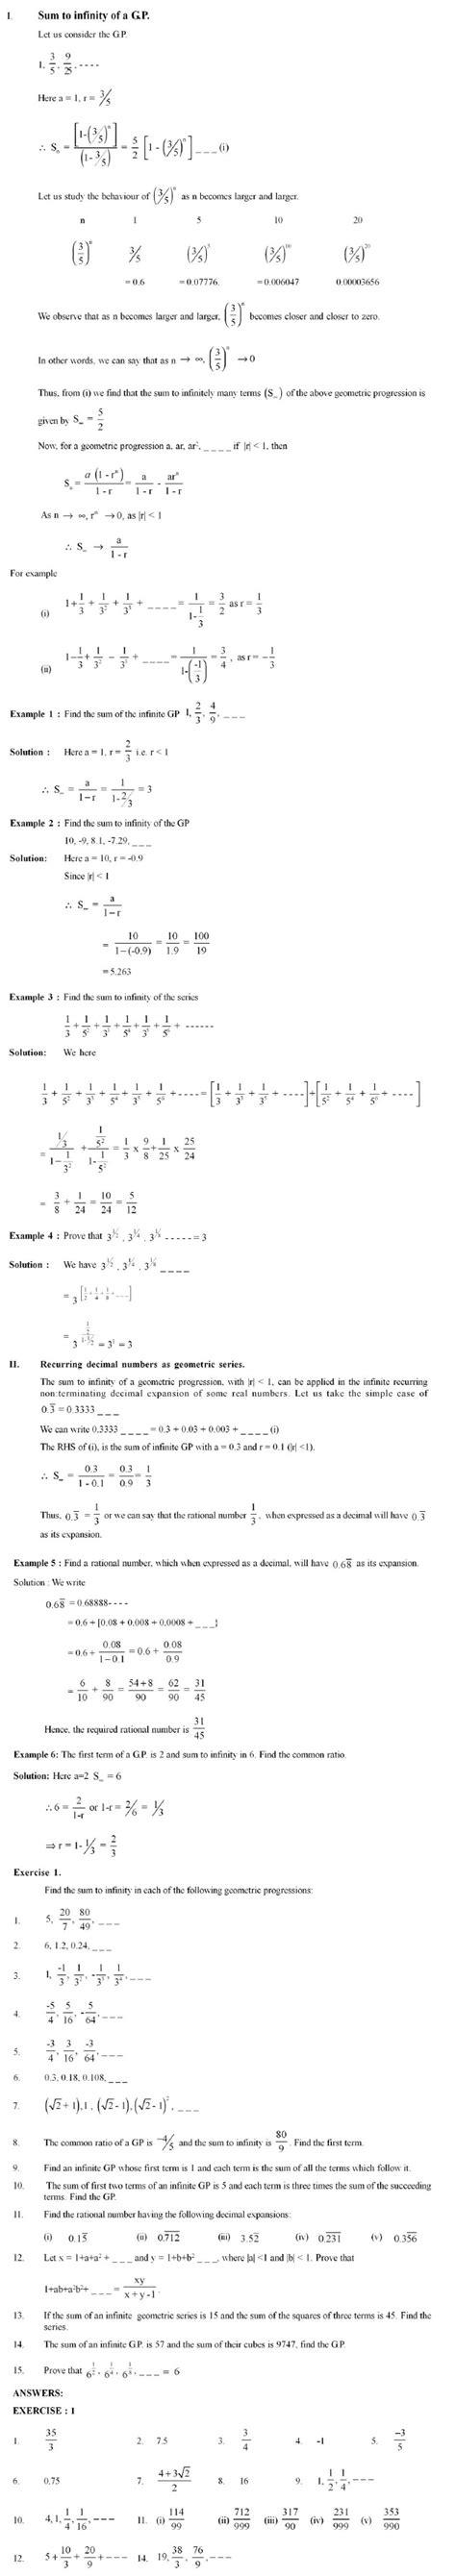 biodata format cbse class 11 maths for class 11 cbse ncert solutions for class 11th